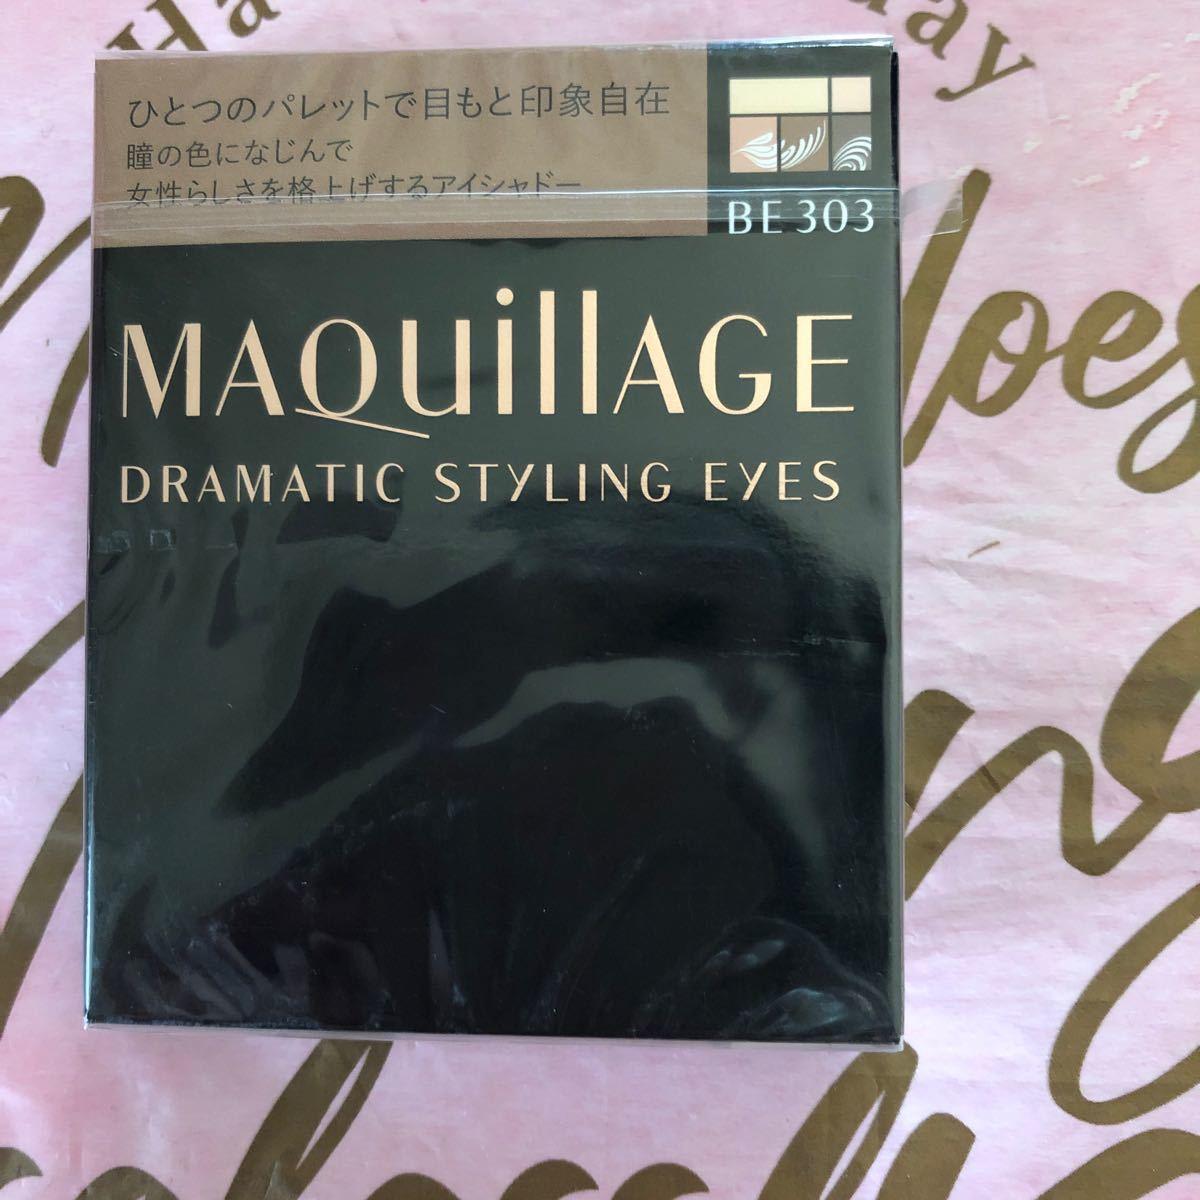 資生堂マキアージュ ドラマティックスタイリングアイズ BE303